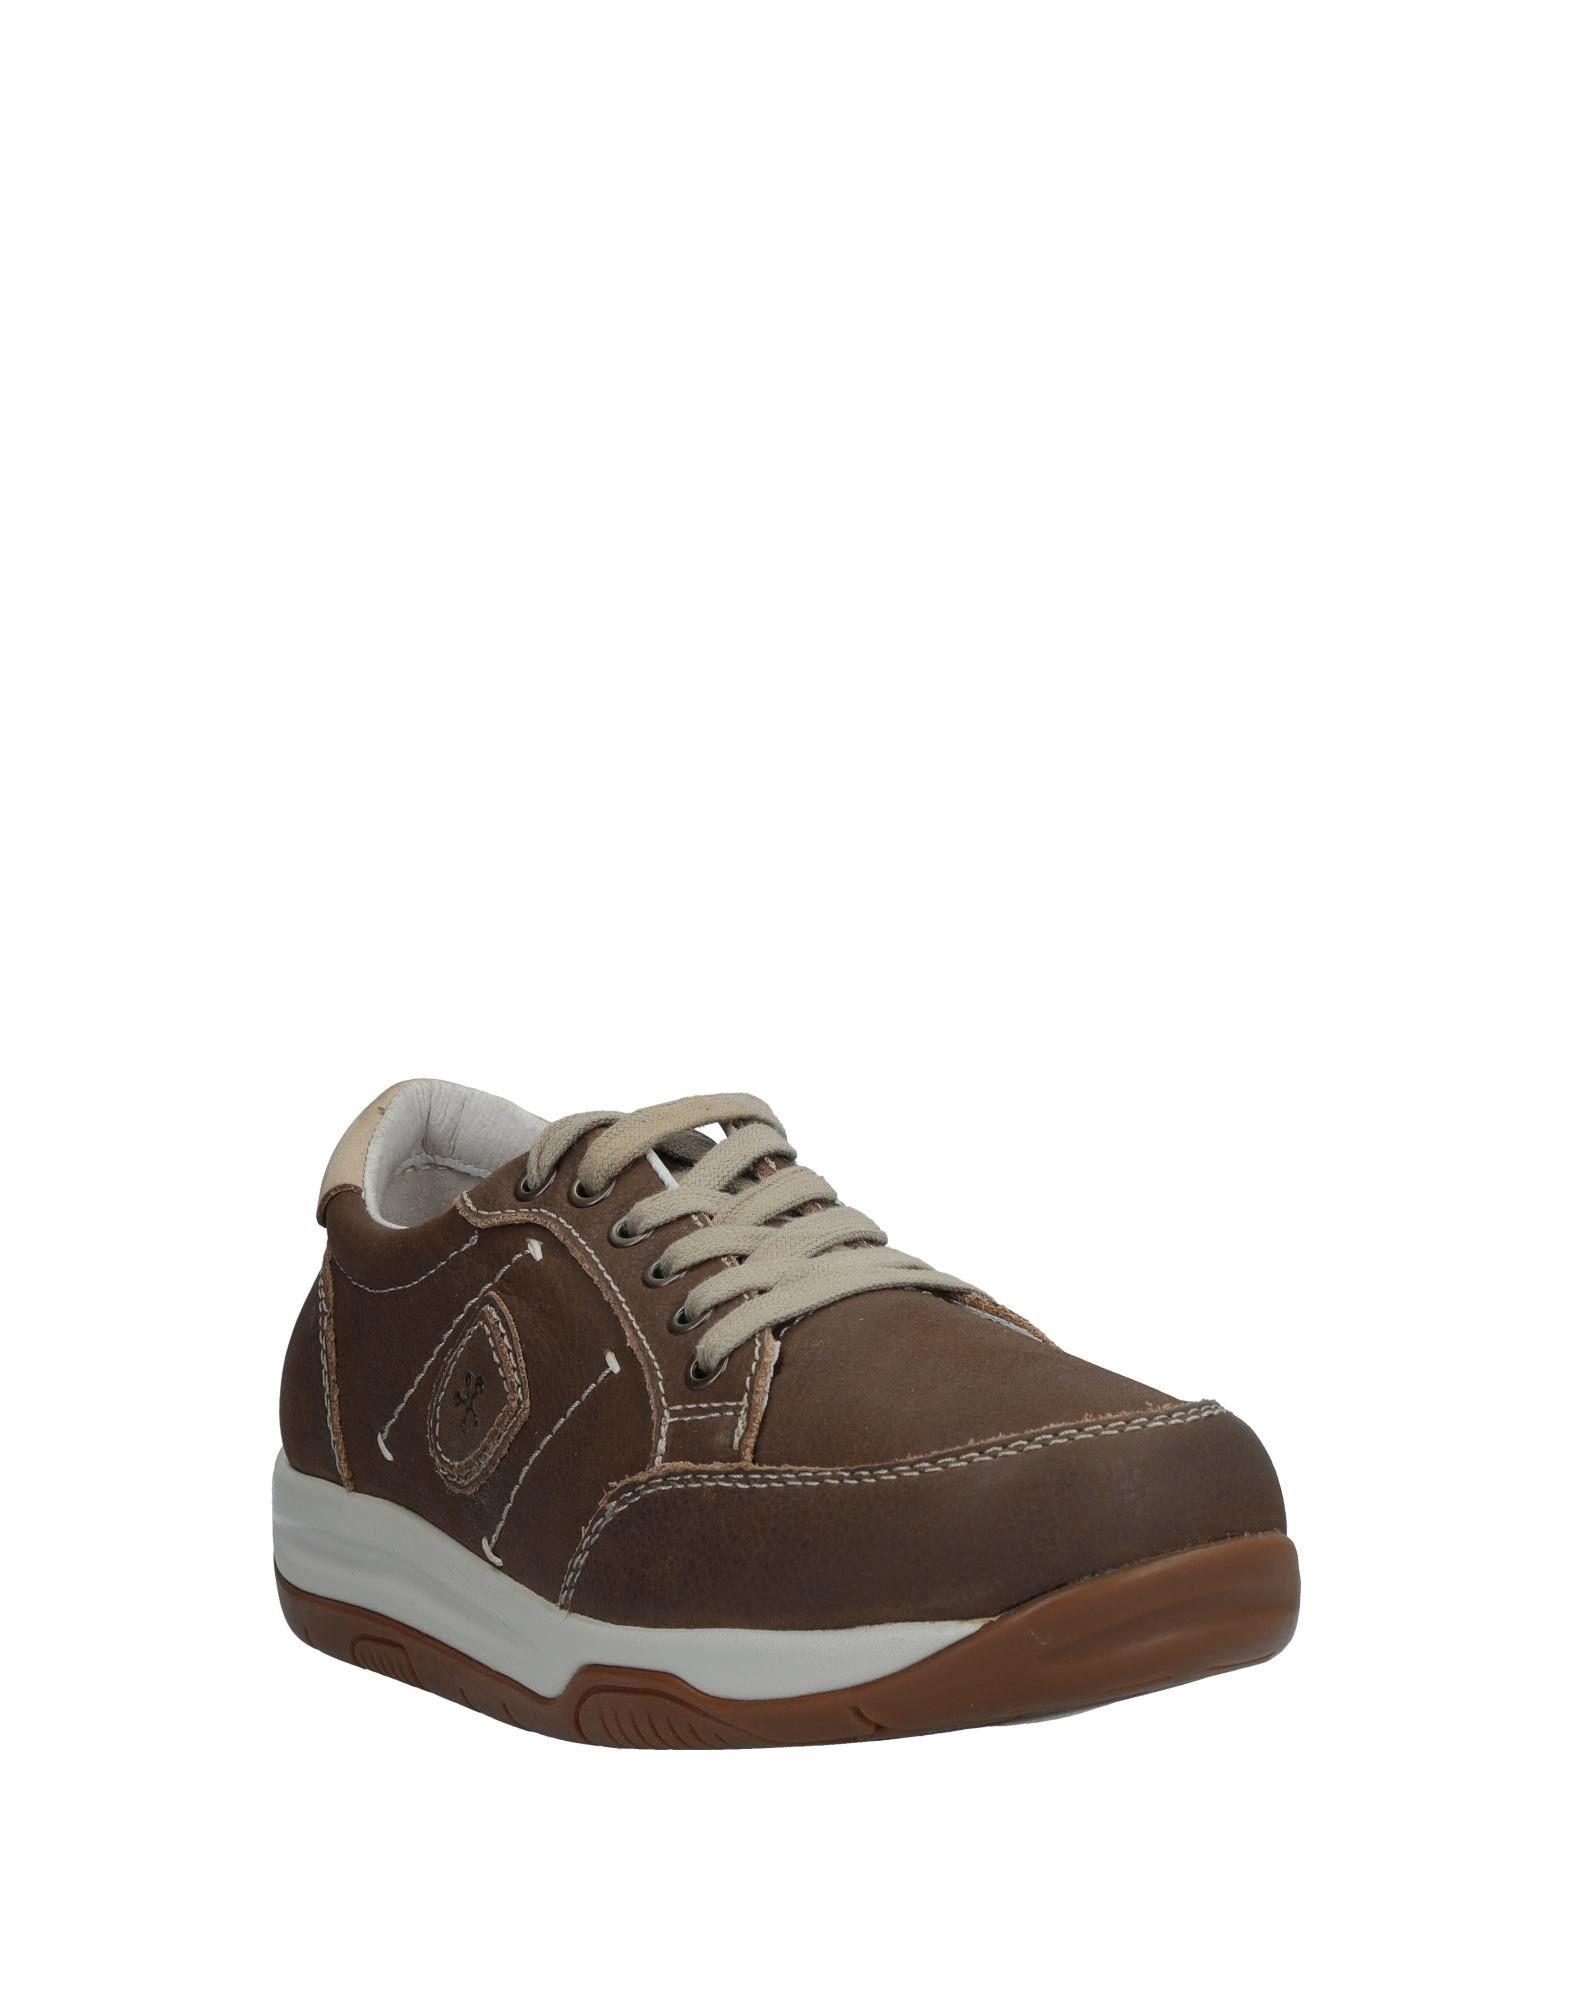 Rabatt Herren echte Schuhe Swissies Sneakers Herren Rabatt  11528297LU c199e3